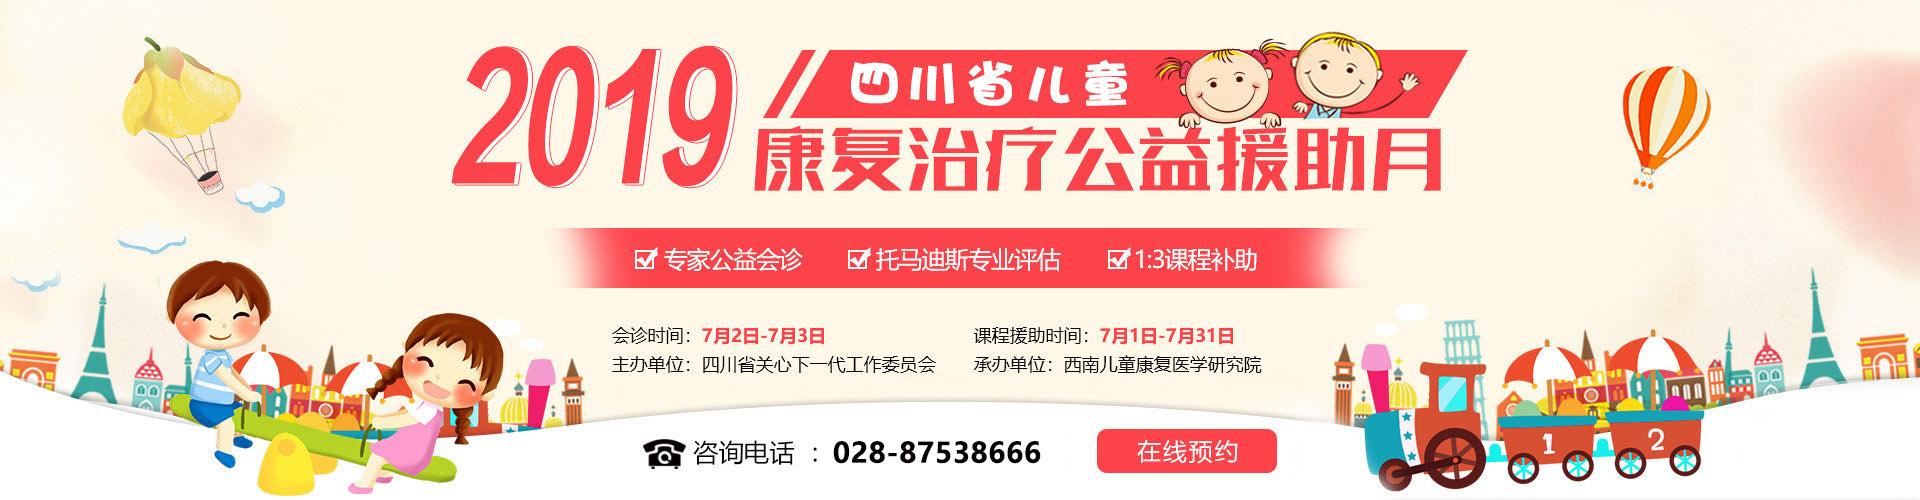 2019四川省儿童康复治疗公益援助月